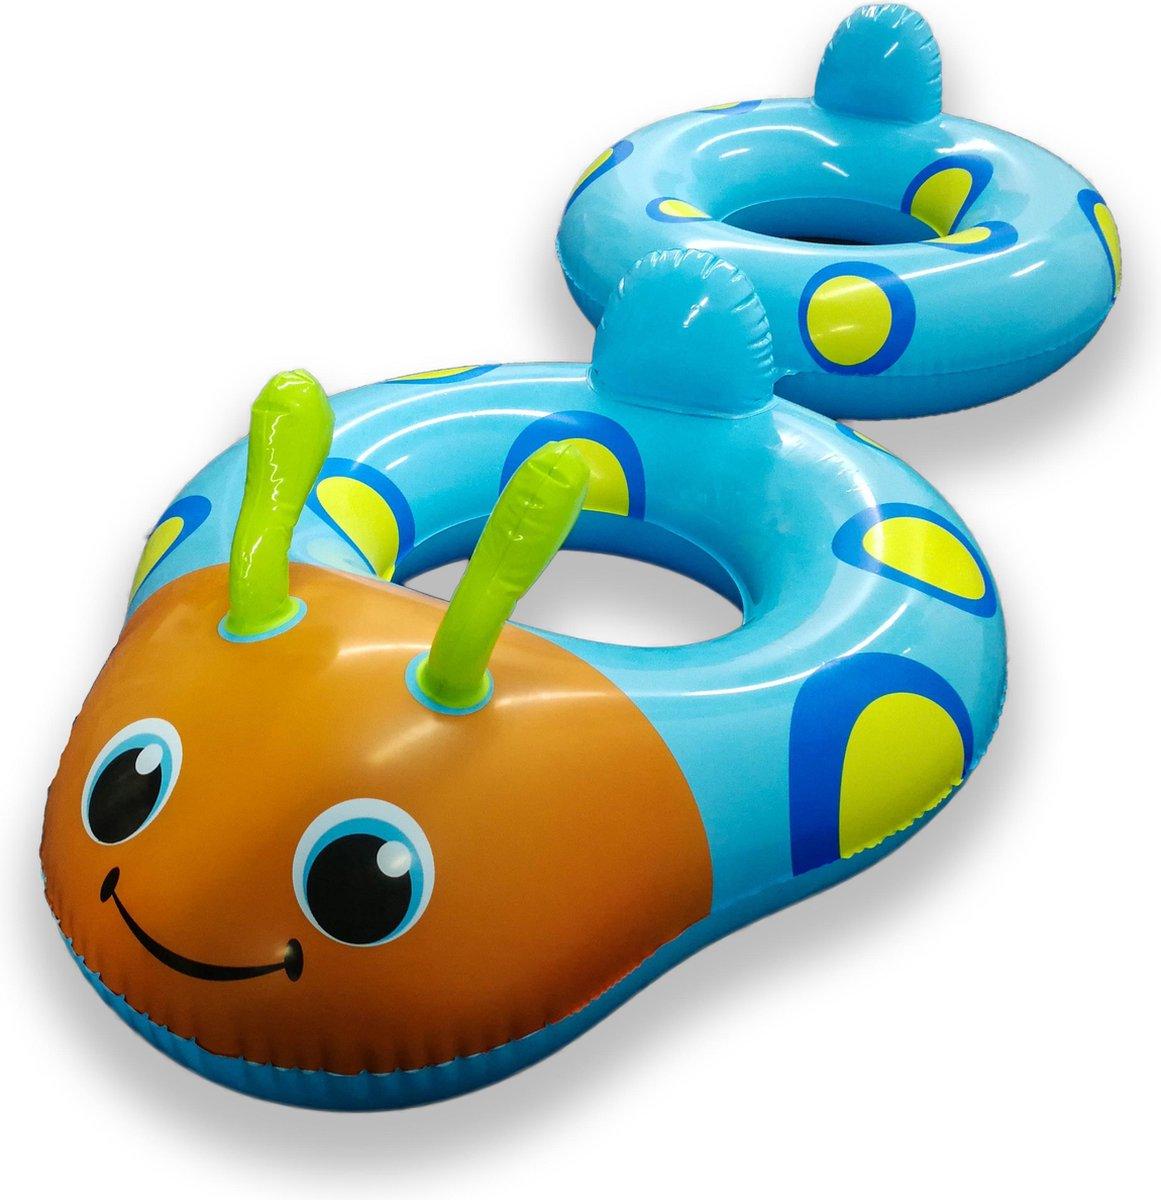 Playing Kids Koppelbare Blauwe Kevertjes Zwembanden voor 2 Kinderen - 160x65x65cm | Opblaasbare Zwemringen voor in het Water, Strand of Zwembad | Veilig Zwemmen | Zwemveiligheid | Zwemtrainer